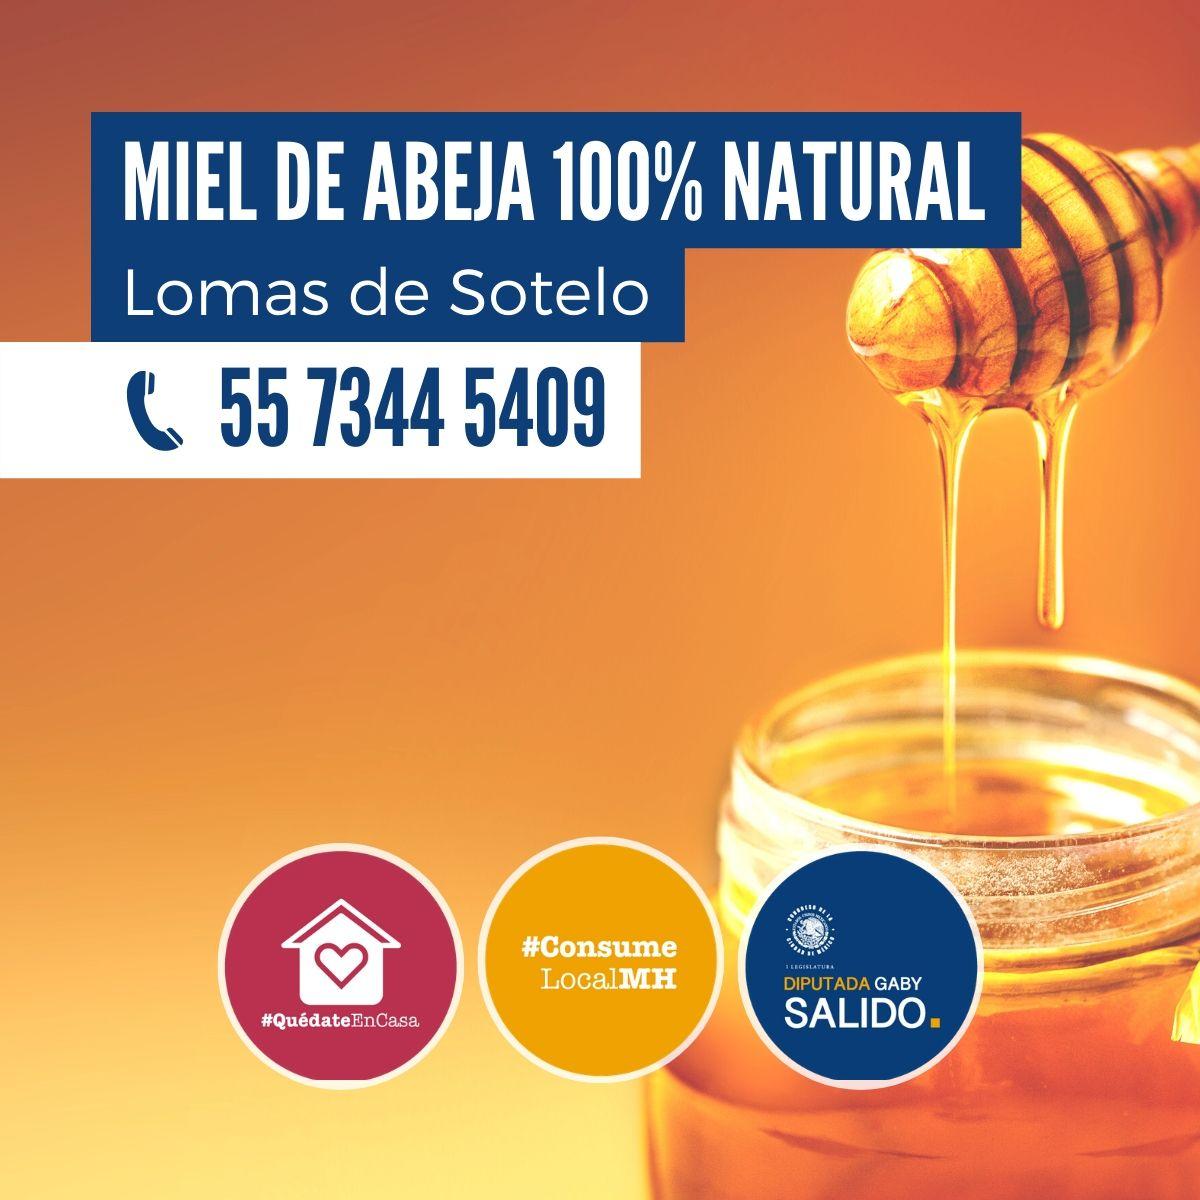 Miel de abeja 100% natural